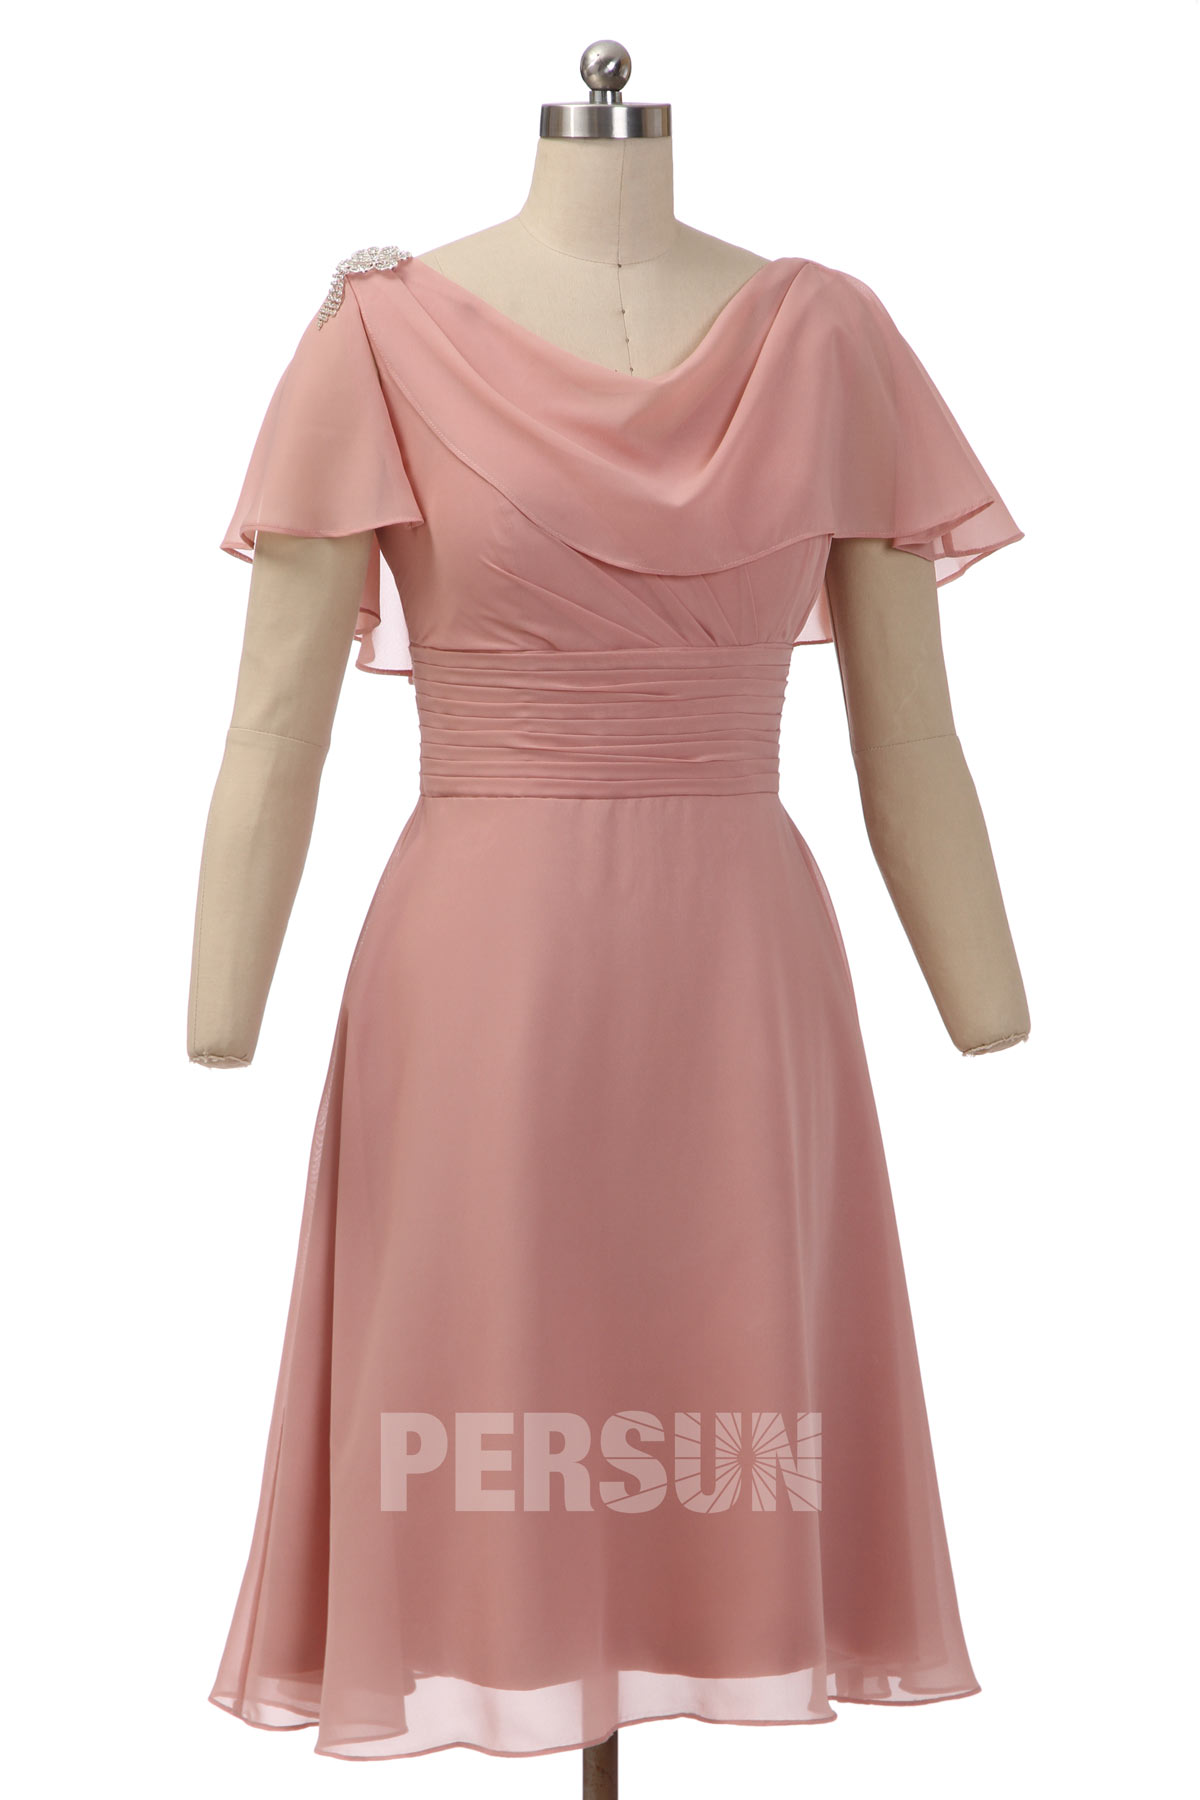 robe de soirée rose courte 2019 en mousseline avec cape orné d'une broche